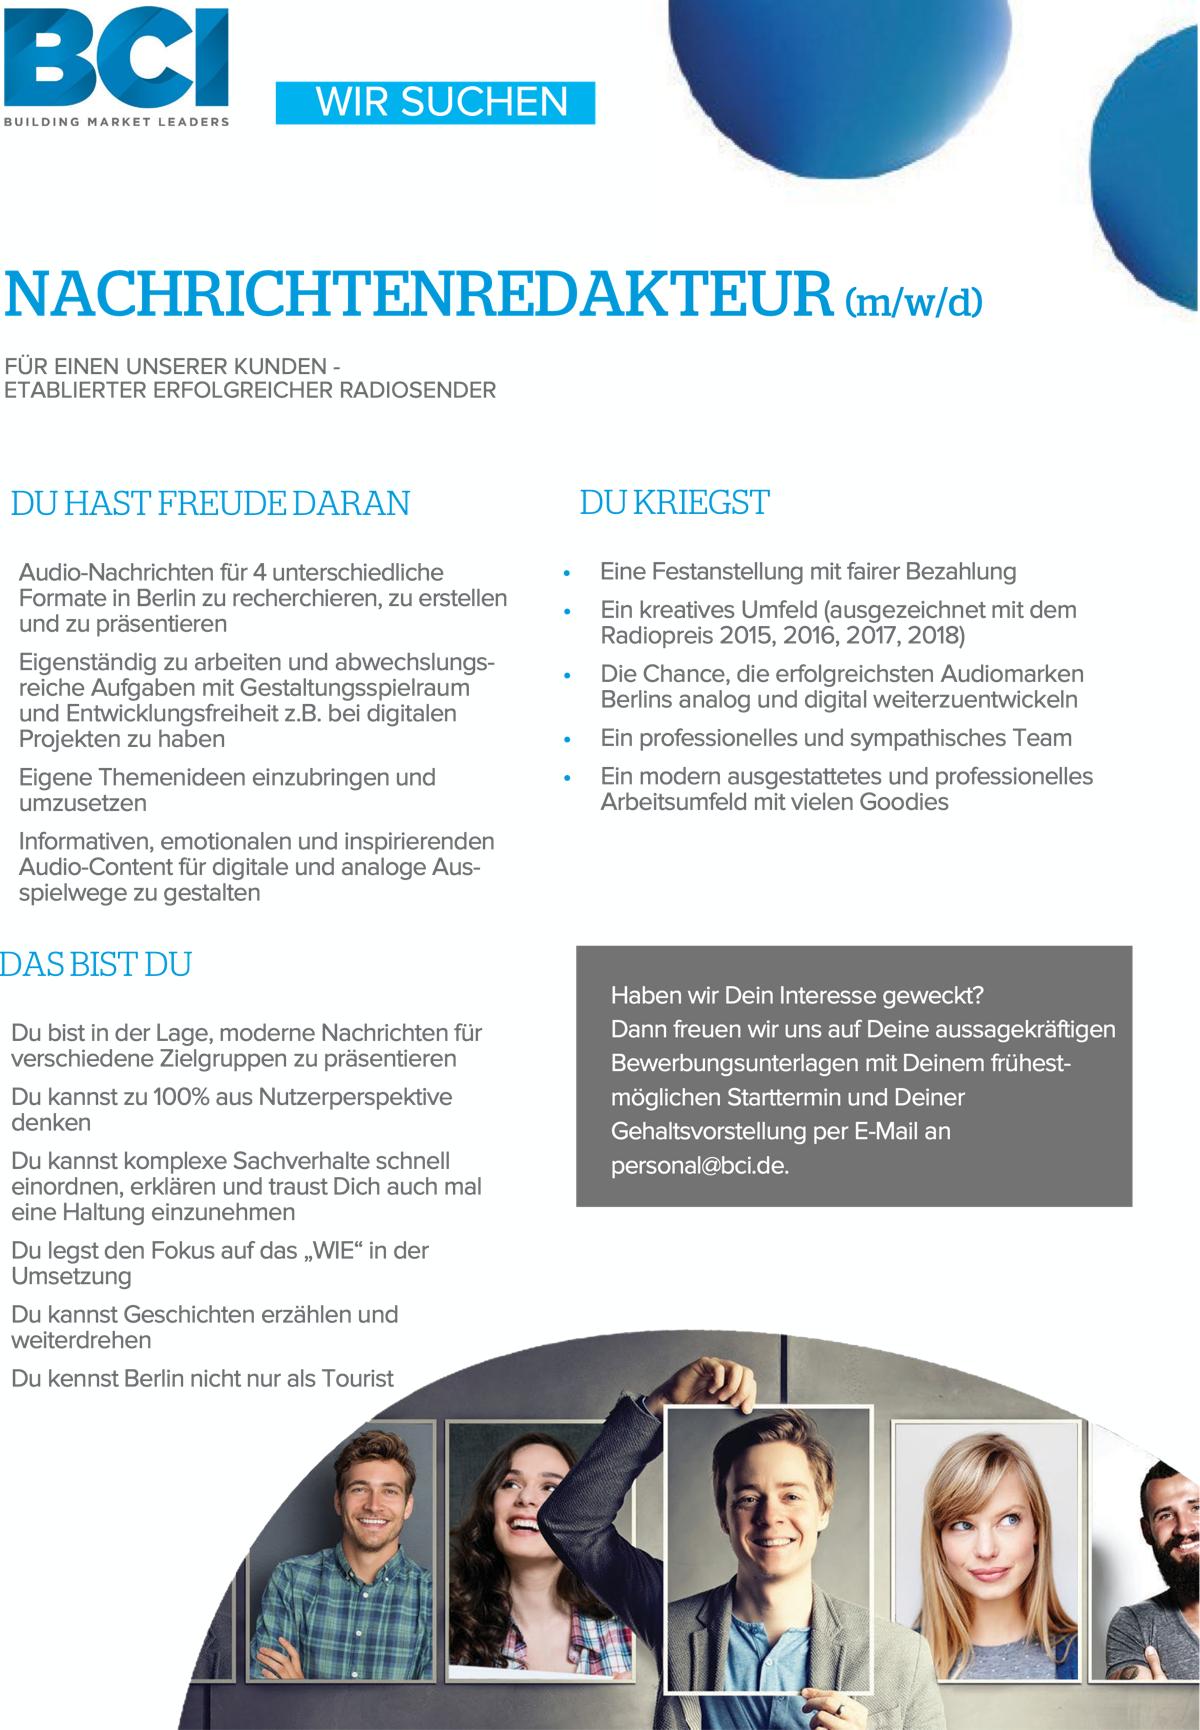 BCI sucht Nachrichtenredakteur (m/w/d)